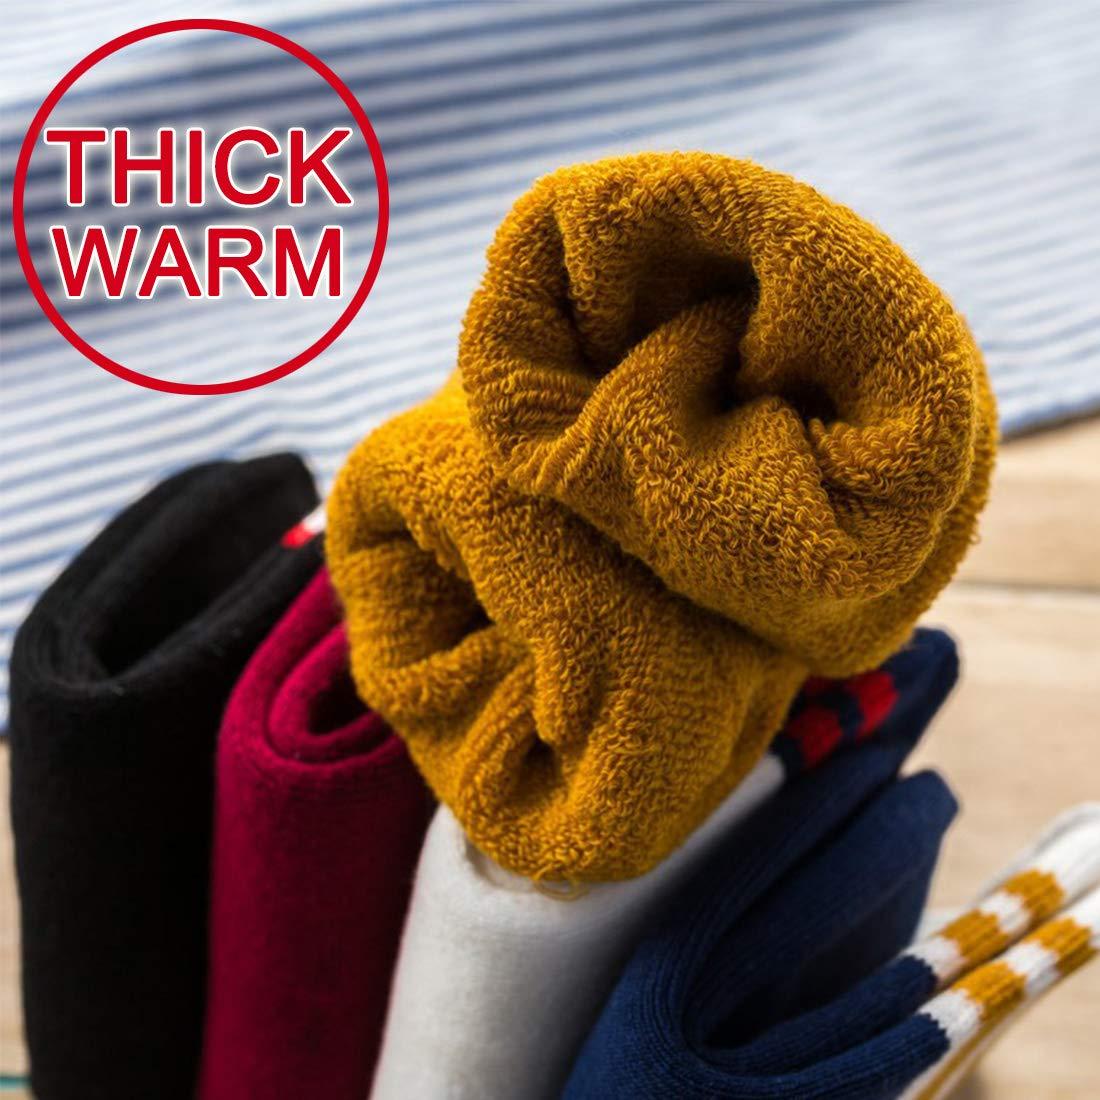 Cotone Naturale Spesso Caldo e Confortevole LORYLOLY 5 Paia di Calzini per Bambini 1-12 Anni Calzini Termici Invernali per Ragazza Ragazzo Bambino unisex per Quotidiano Natale Scuola